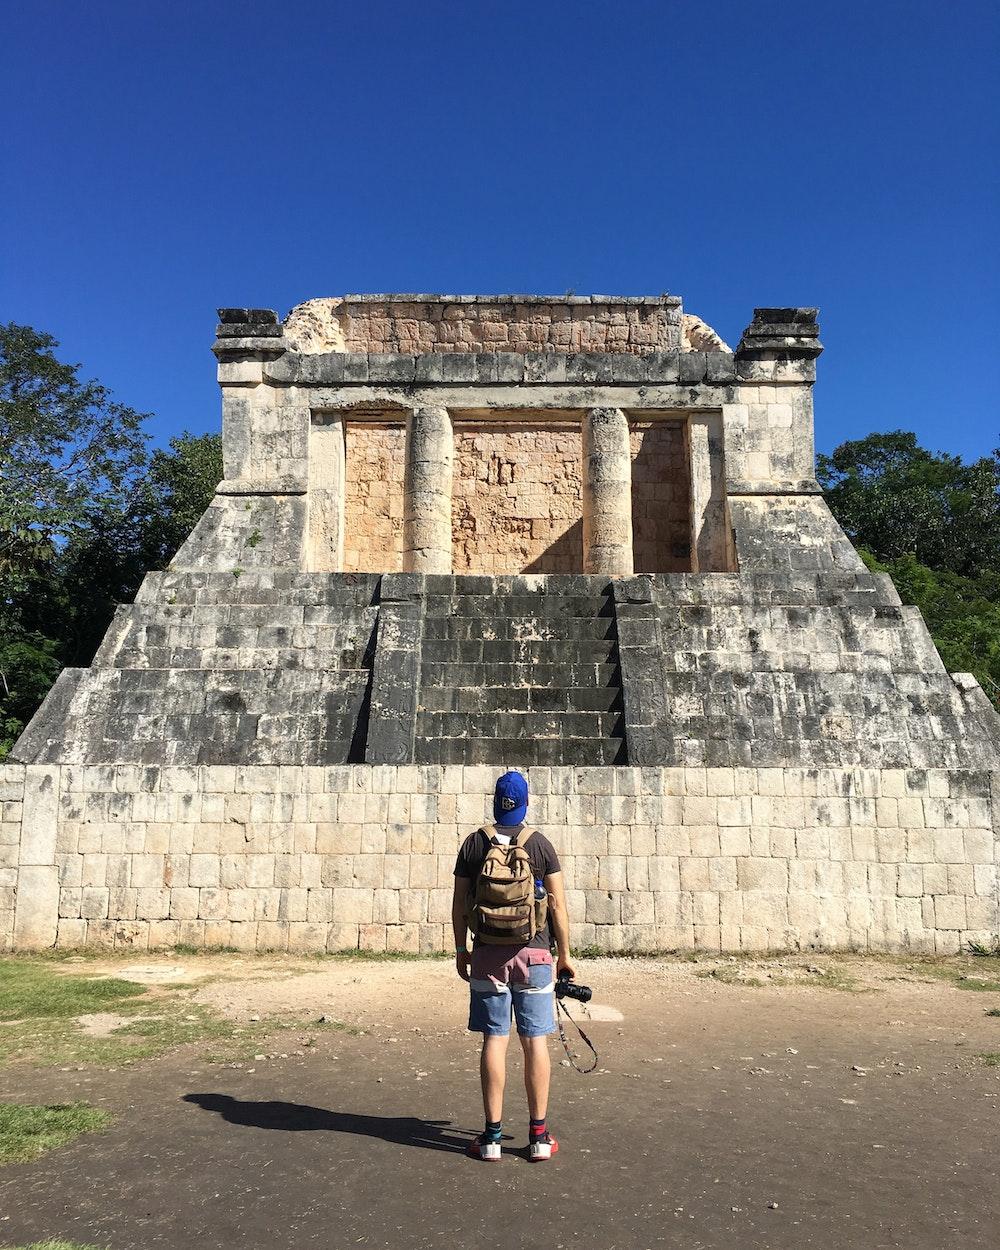 Dan admiring ancient Mayan ruins at Chichen Itza, Mexico